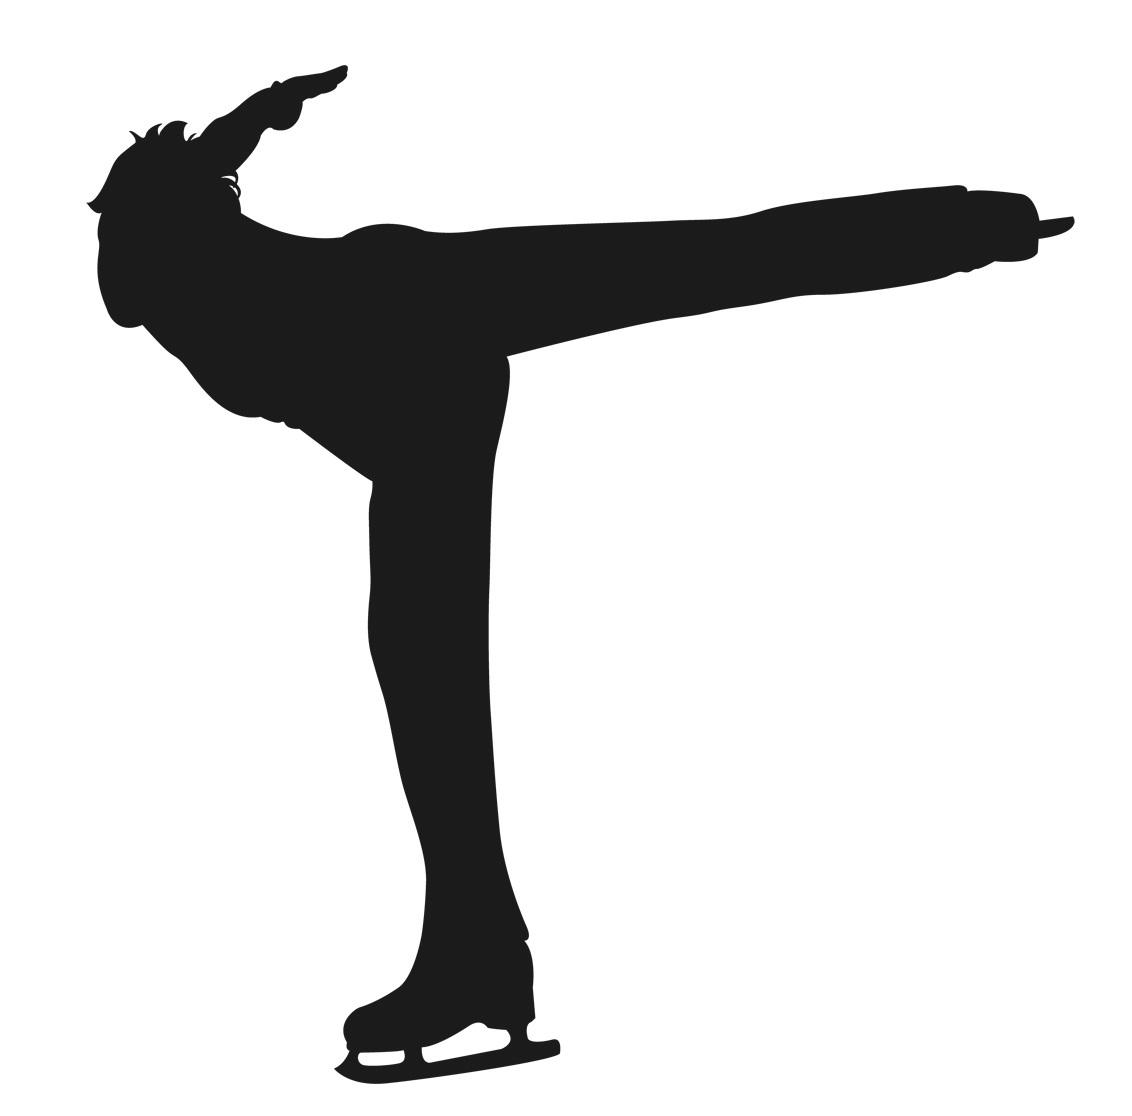 羽生結弦選手の完璧な演技をNHK公式ツイッターがノーカットで公開 !【平昌オリンピック男子フィギュアショート】